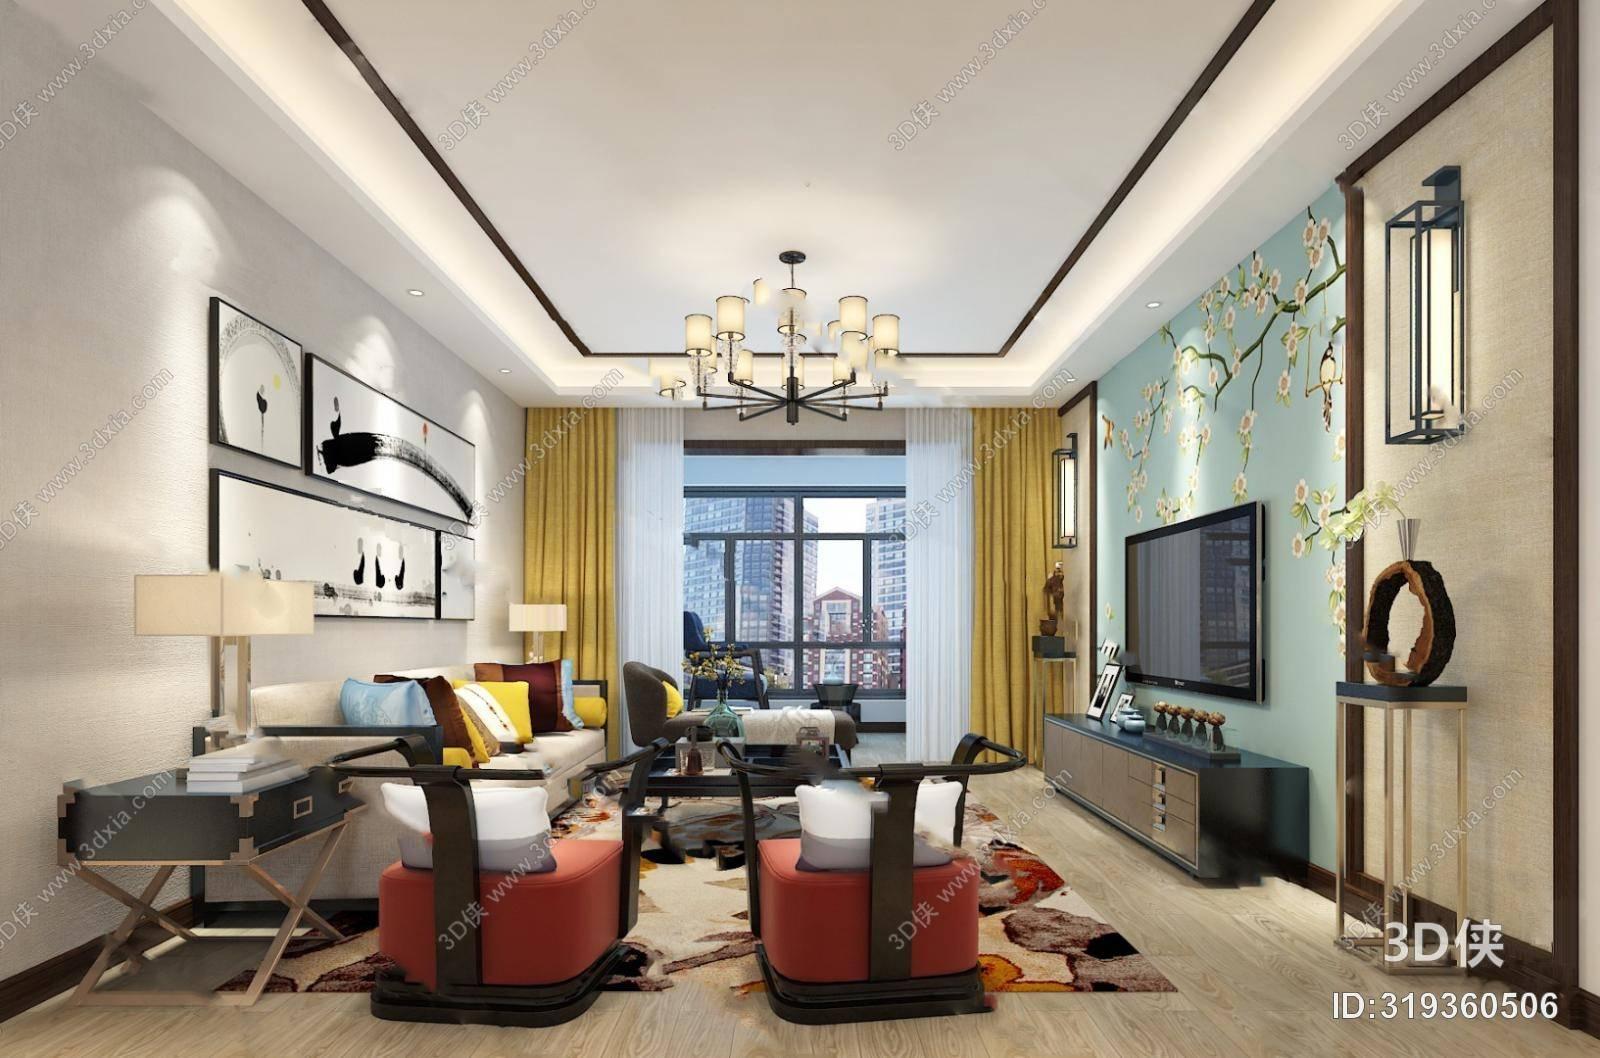 中式客厅3D模型 吊灯 背景墙 茶几 沙发 装饰画